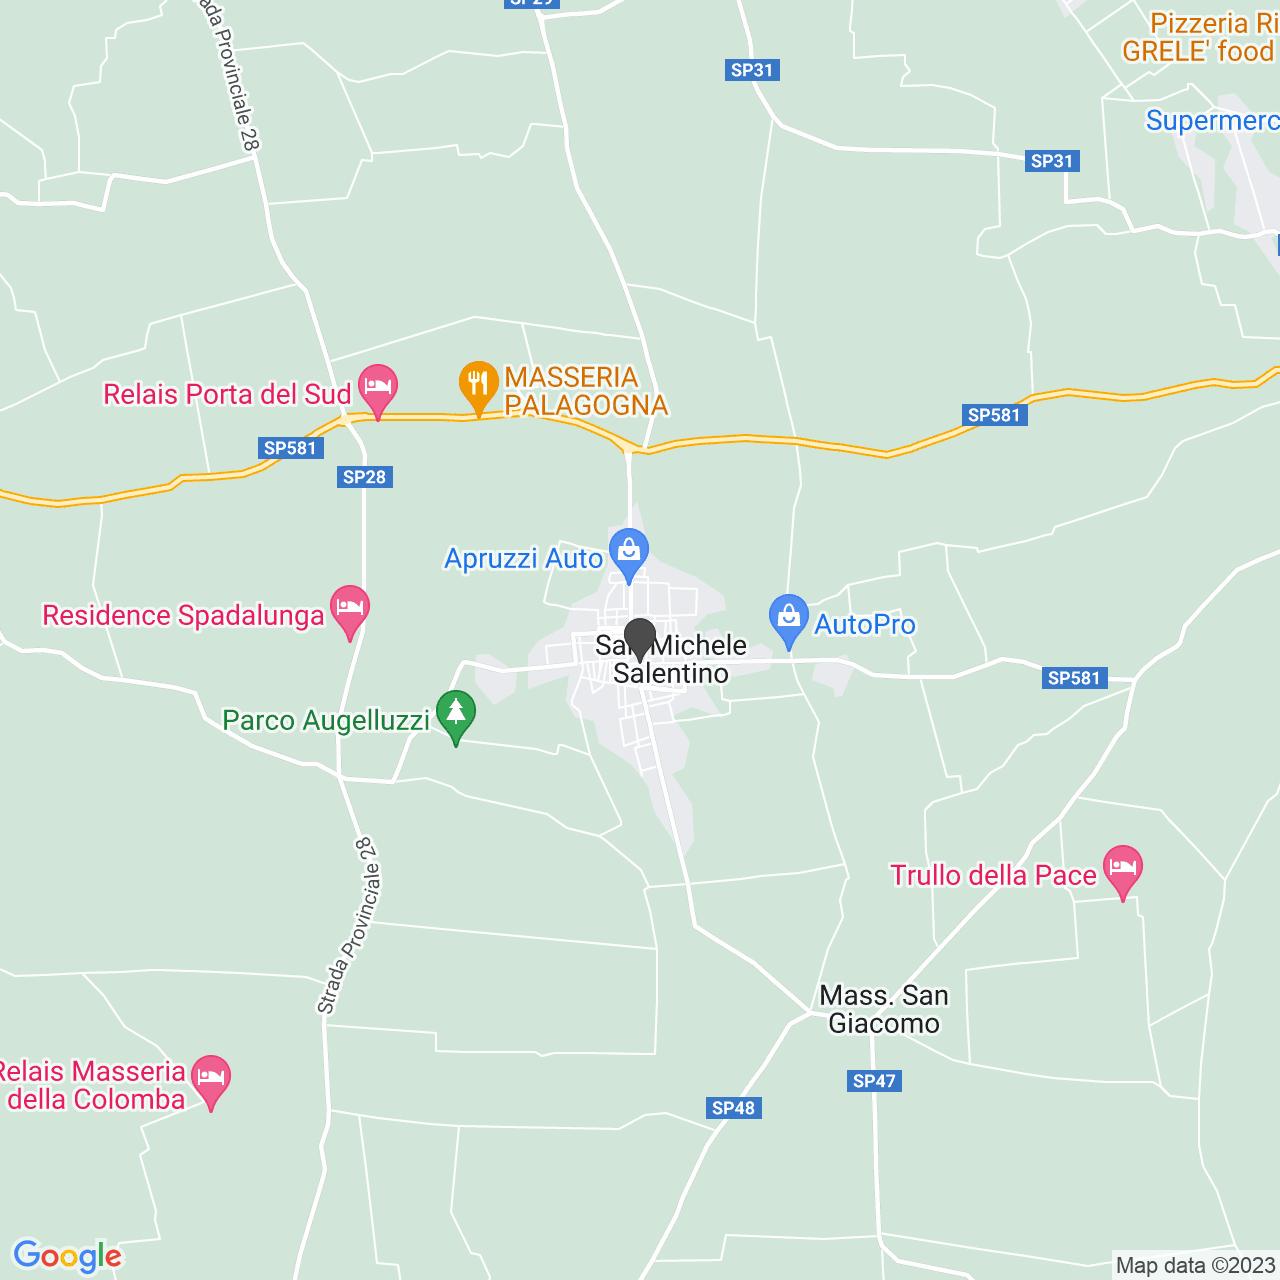 CIMITERO SAN MICHELE SALENTINO